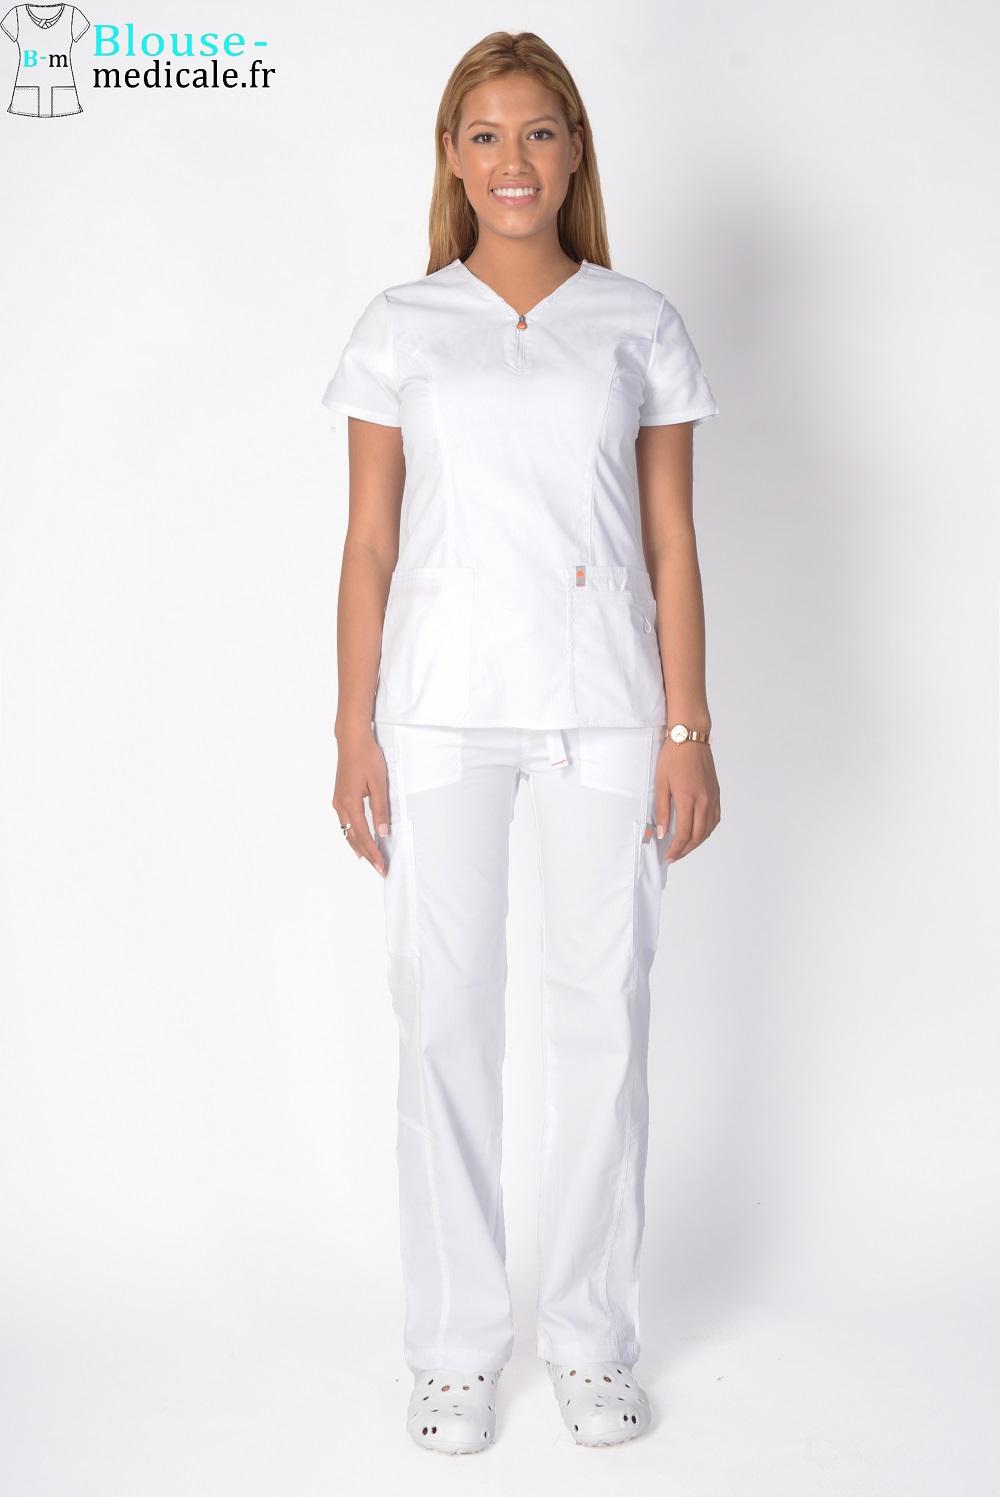 tenue médicale femme code happy tenue medicale anti tache vétérinaire